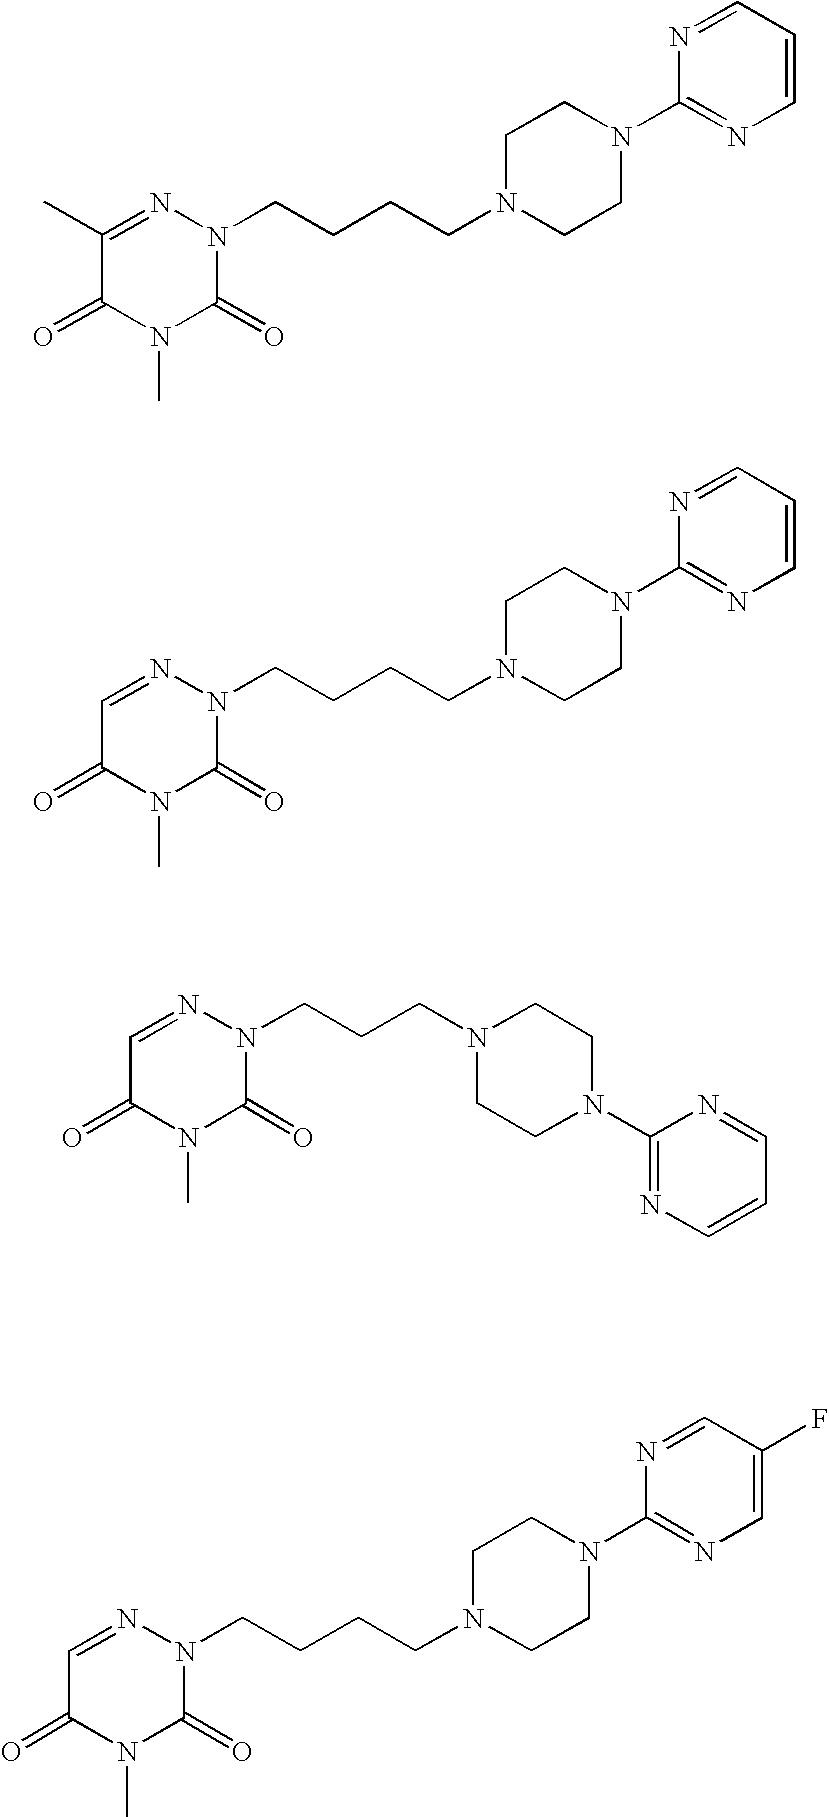 Figure US20100009983A1-20100114-C00059